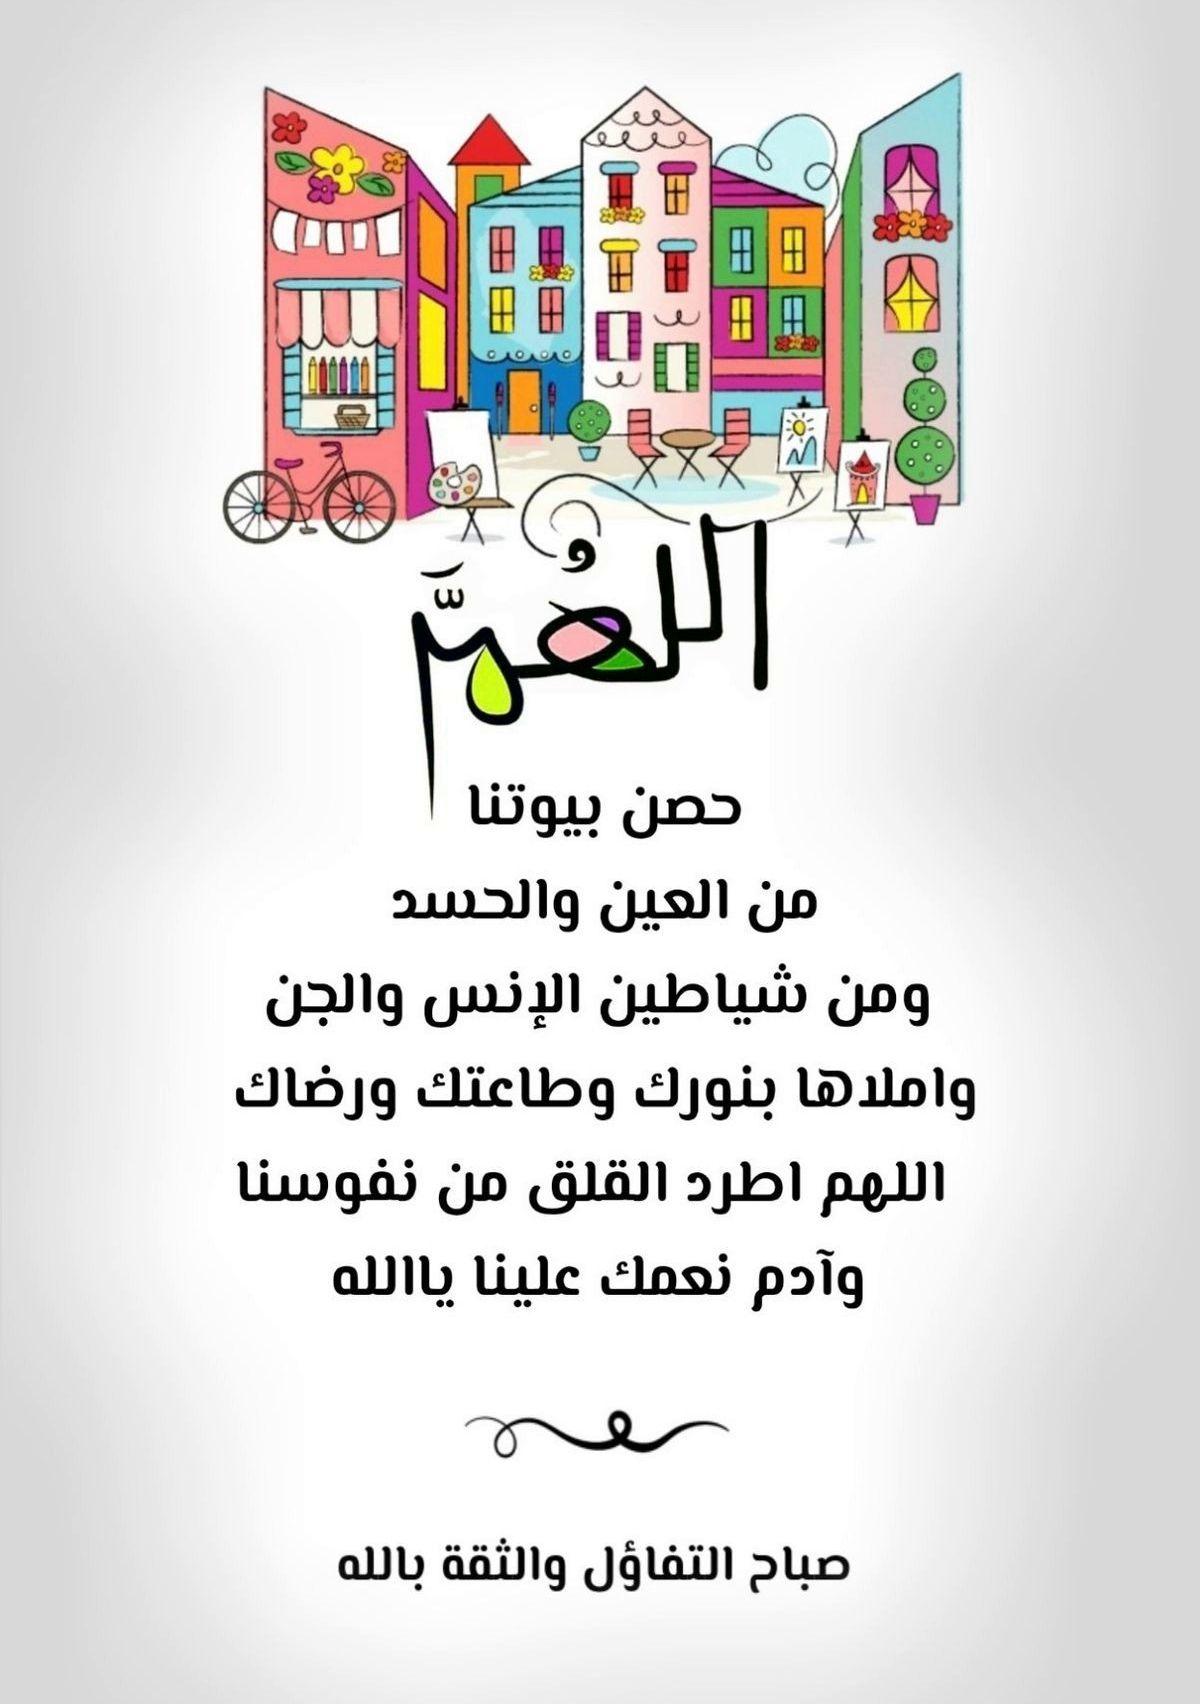 اللهم حصن بيوتنا Positive Thinking Positive Vibes Positive Energy